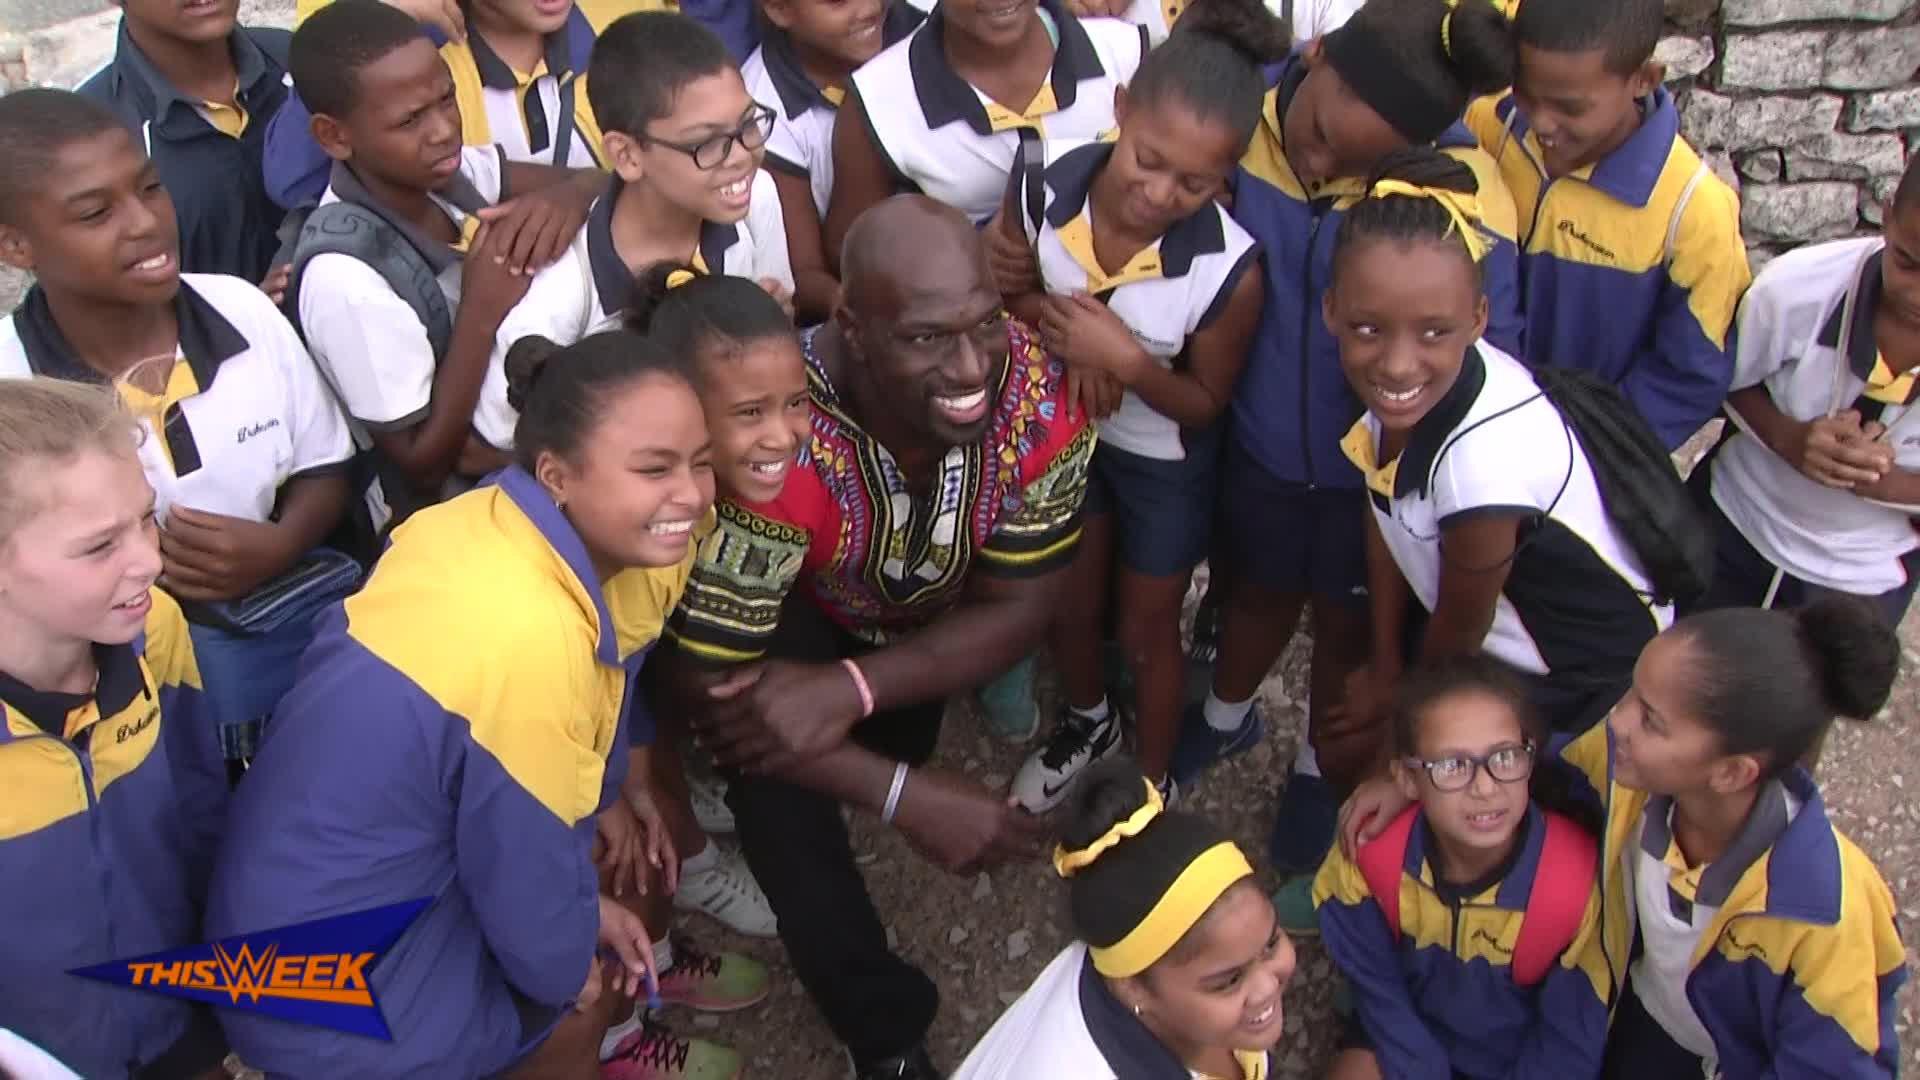 Titus O'Neil et son incroyable séjour en Afrique du Sud.